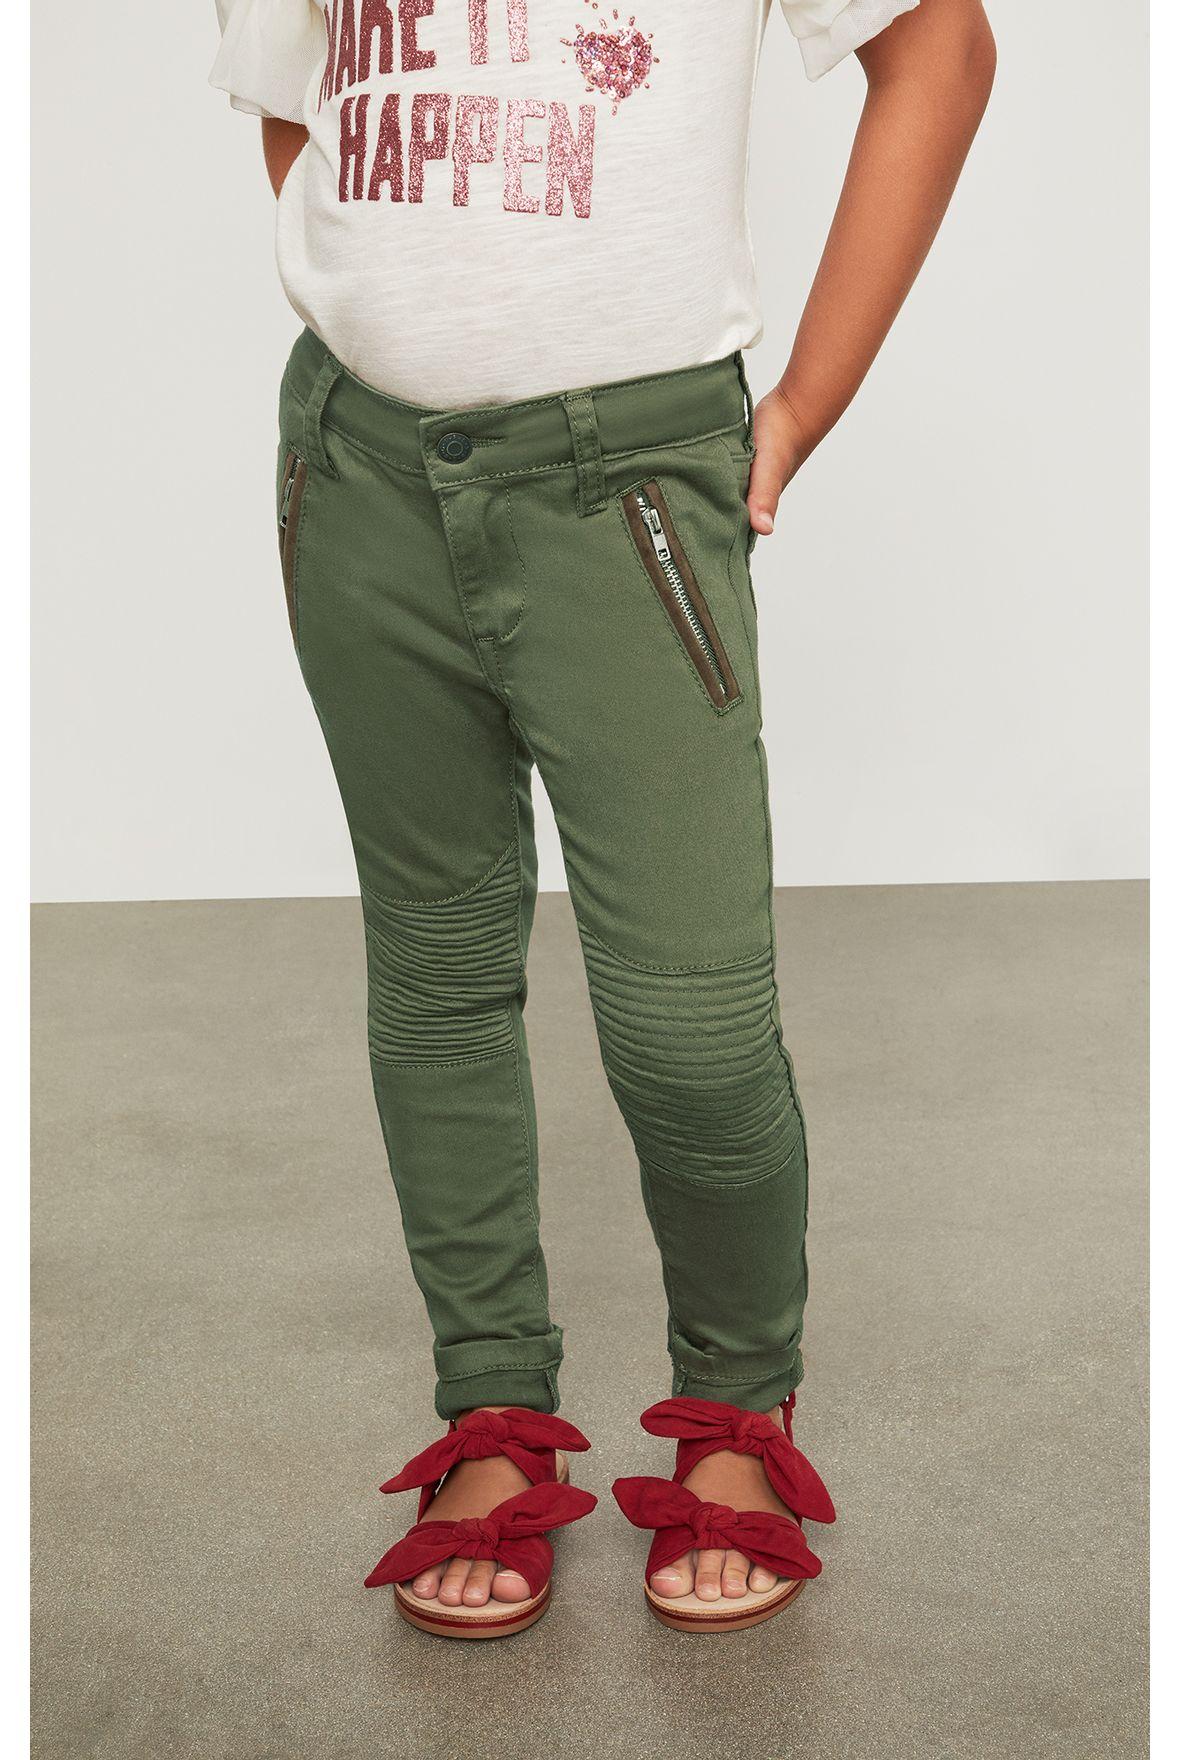 Pantalon-Skinny-BCBGirls-B638WB116_DOL_d